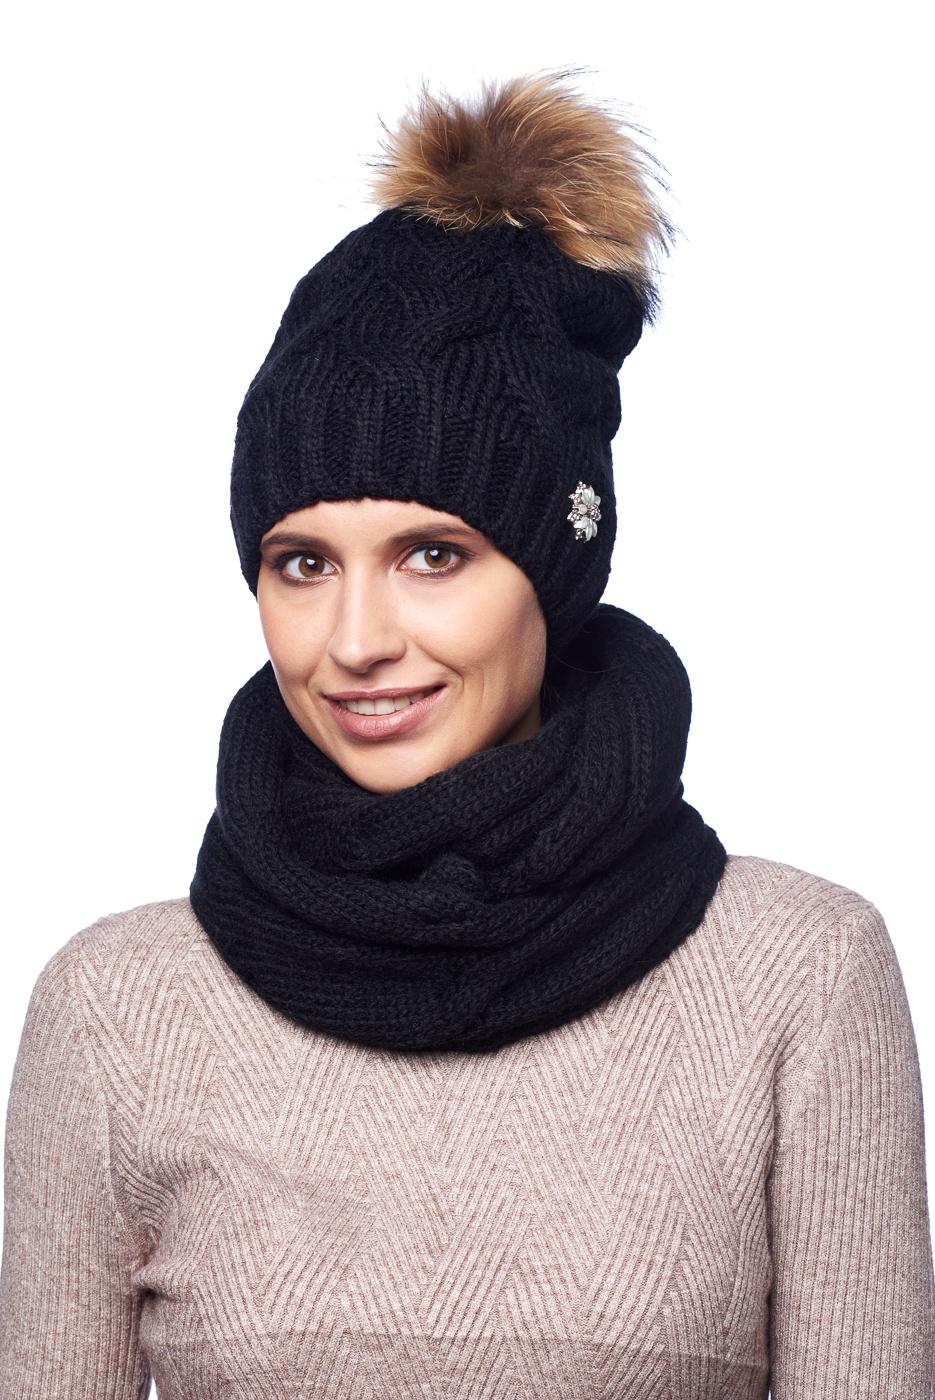 Комплект аксессуаров Nuages комплект аксессуаров женский nuages шапка снуд цвет синий nhk 804 022 размер универсальный